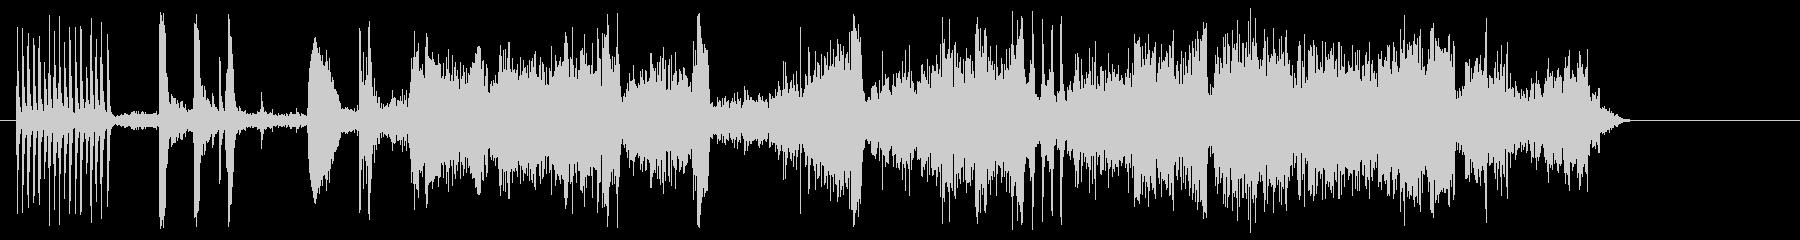 インテリアトラムとベルの未再生の波形